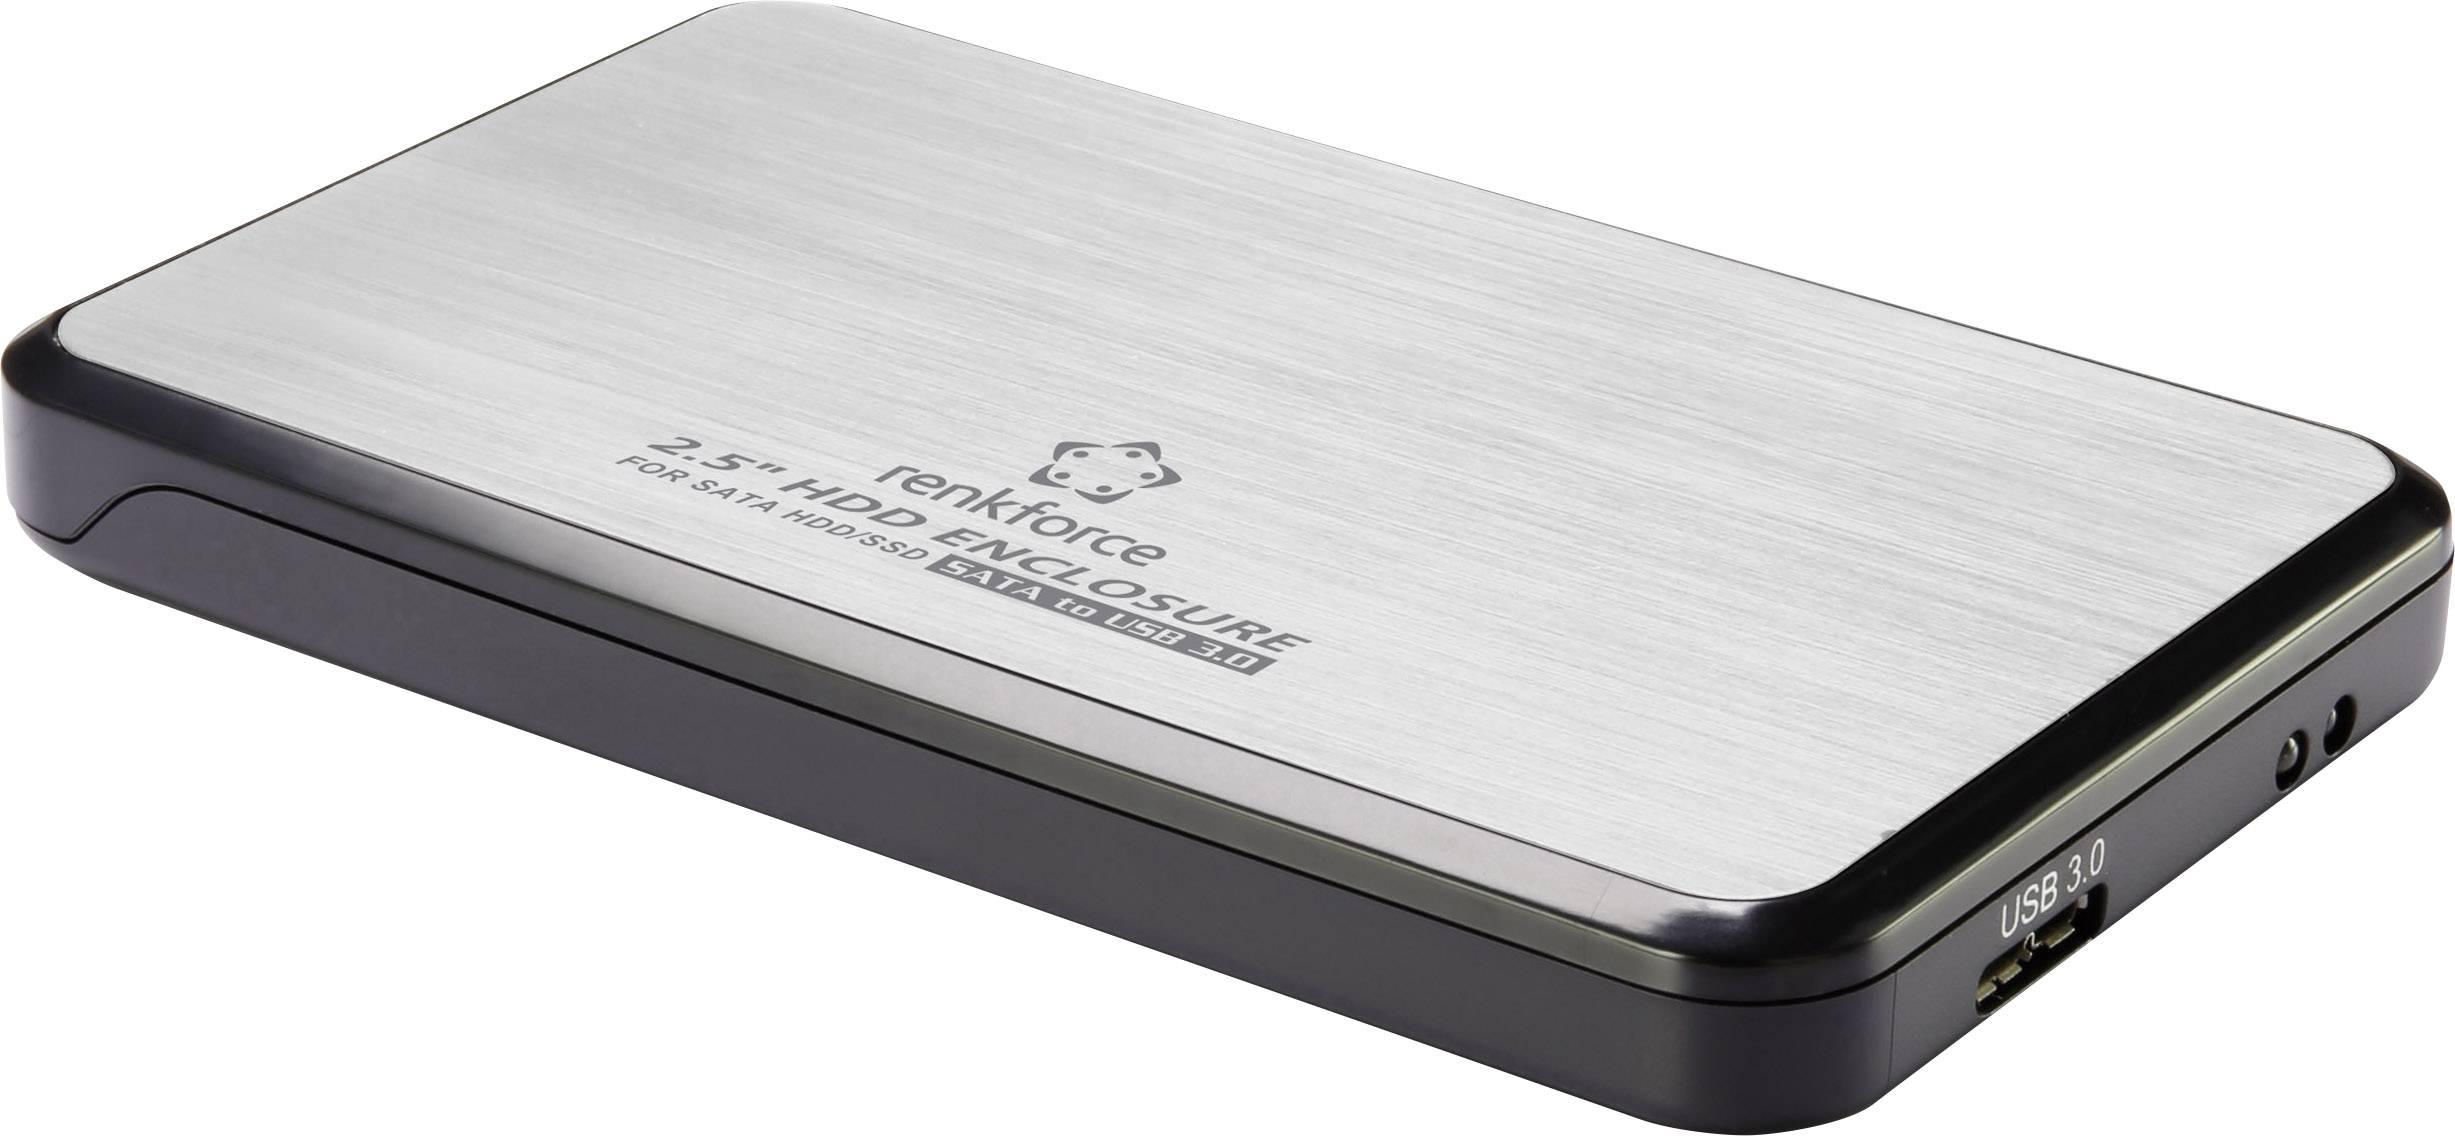 """Puzdro na pevný disk SATA 2.5 """" Renkforce RF-4271223, USB 3.0, strieborná"""